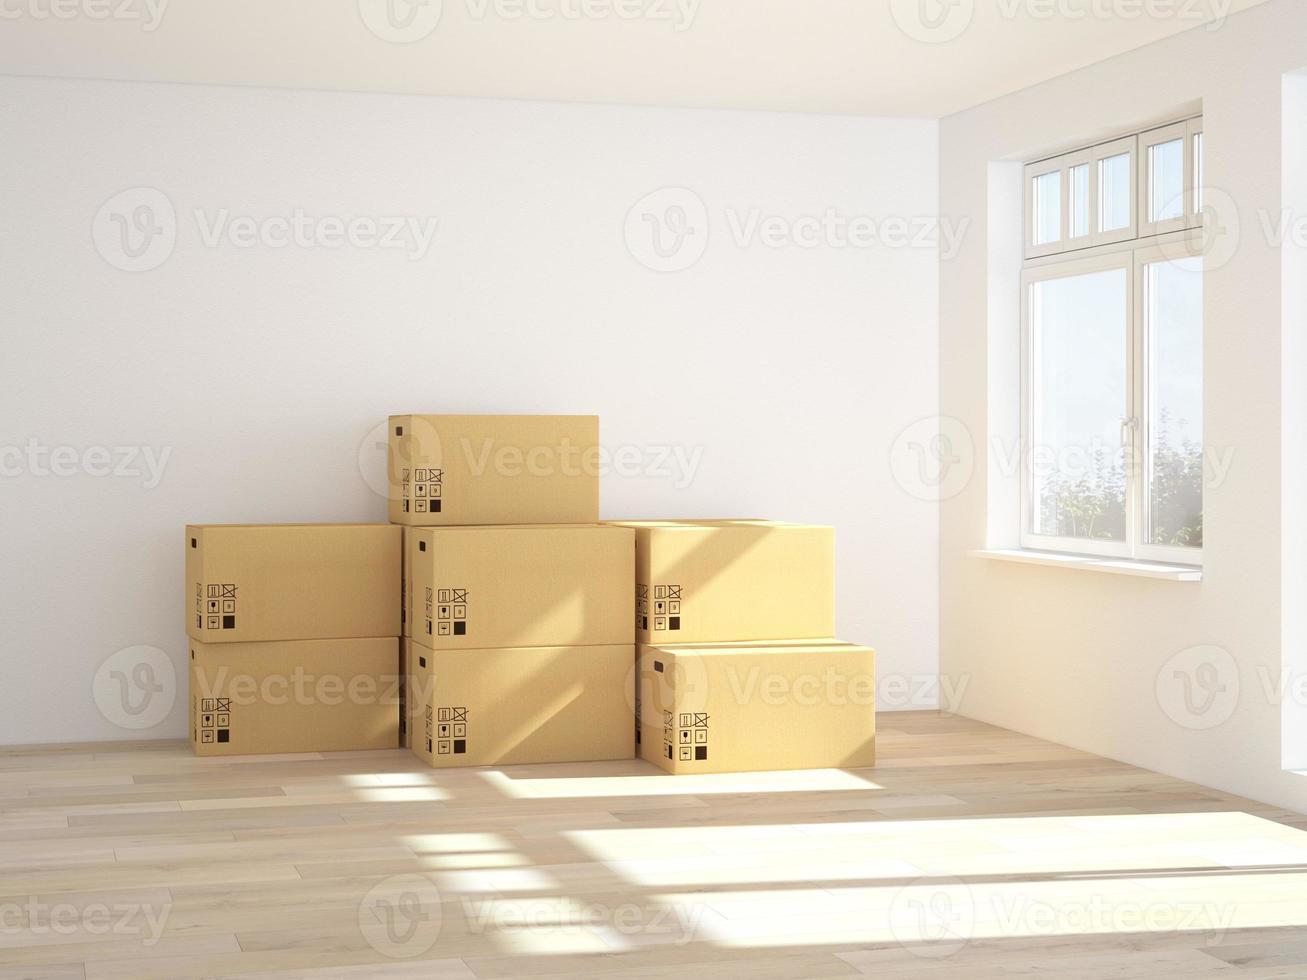 scatole mobili impilate in una stanza bianca vuota foto